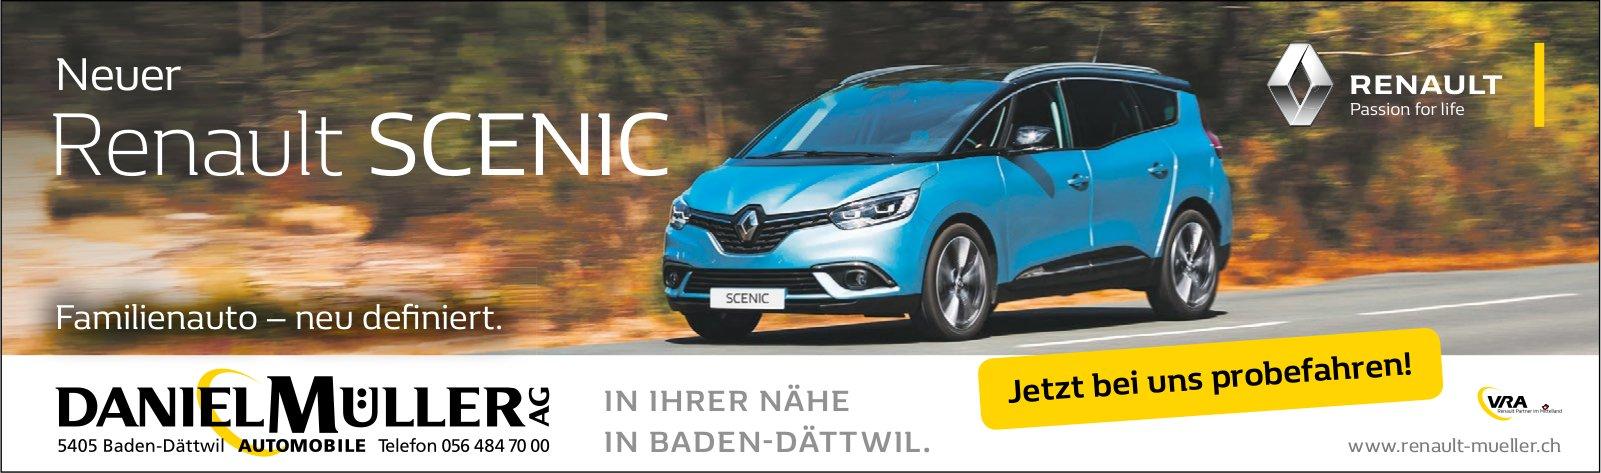 Neuer Renault SCENIC, Daniel Müller AG